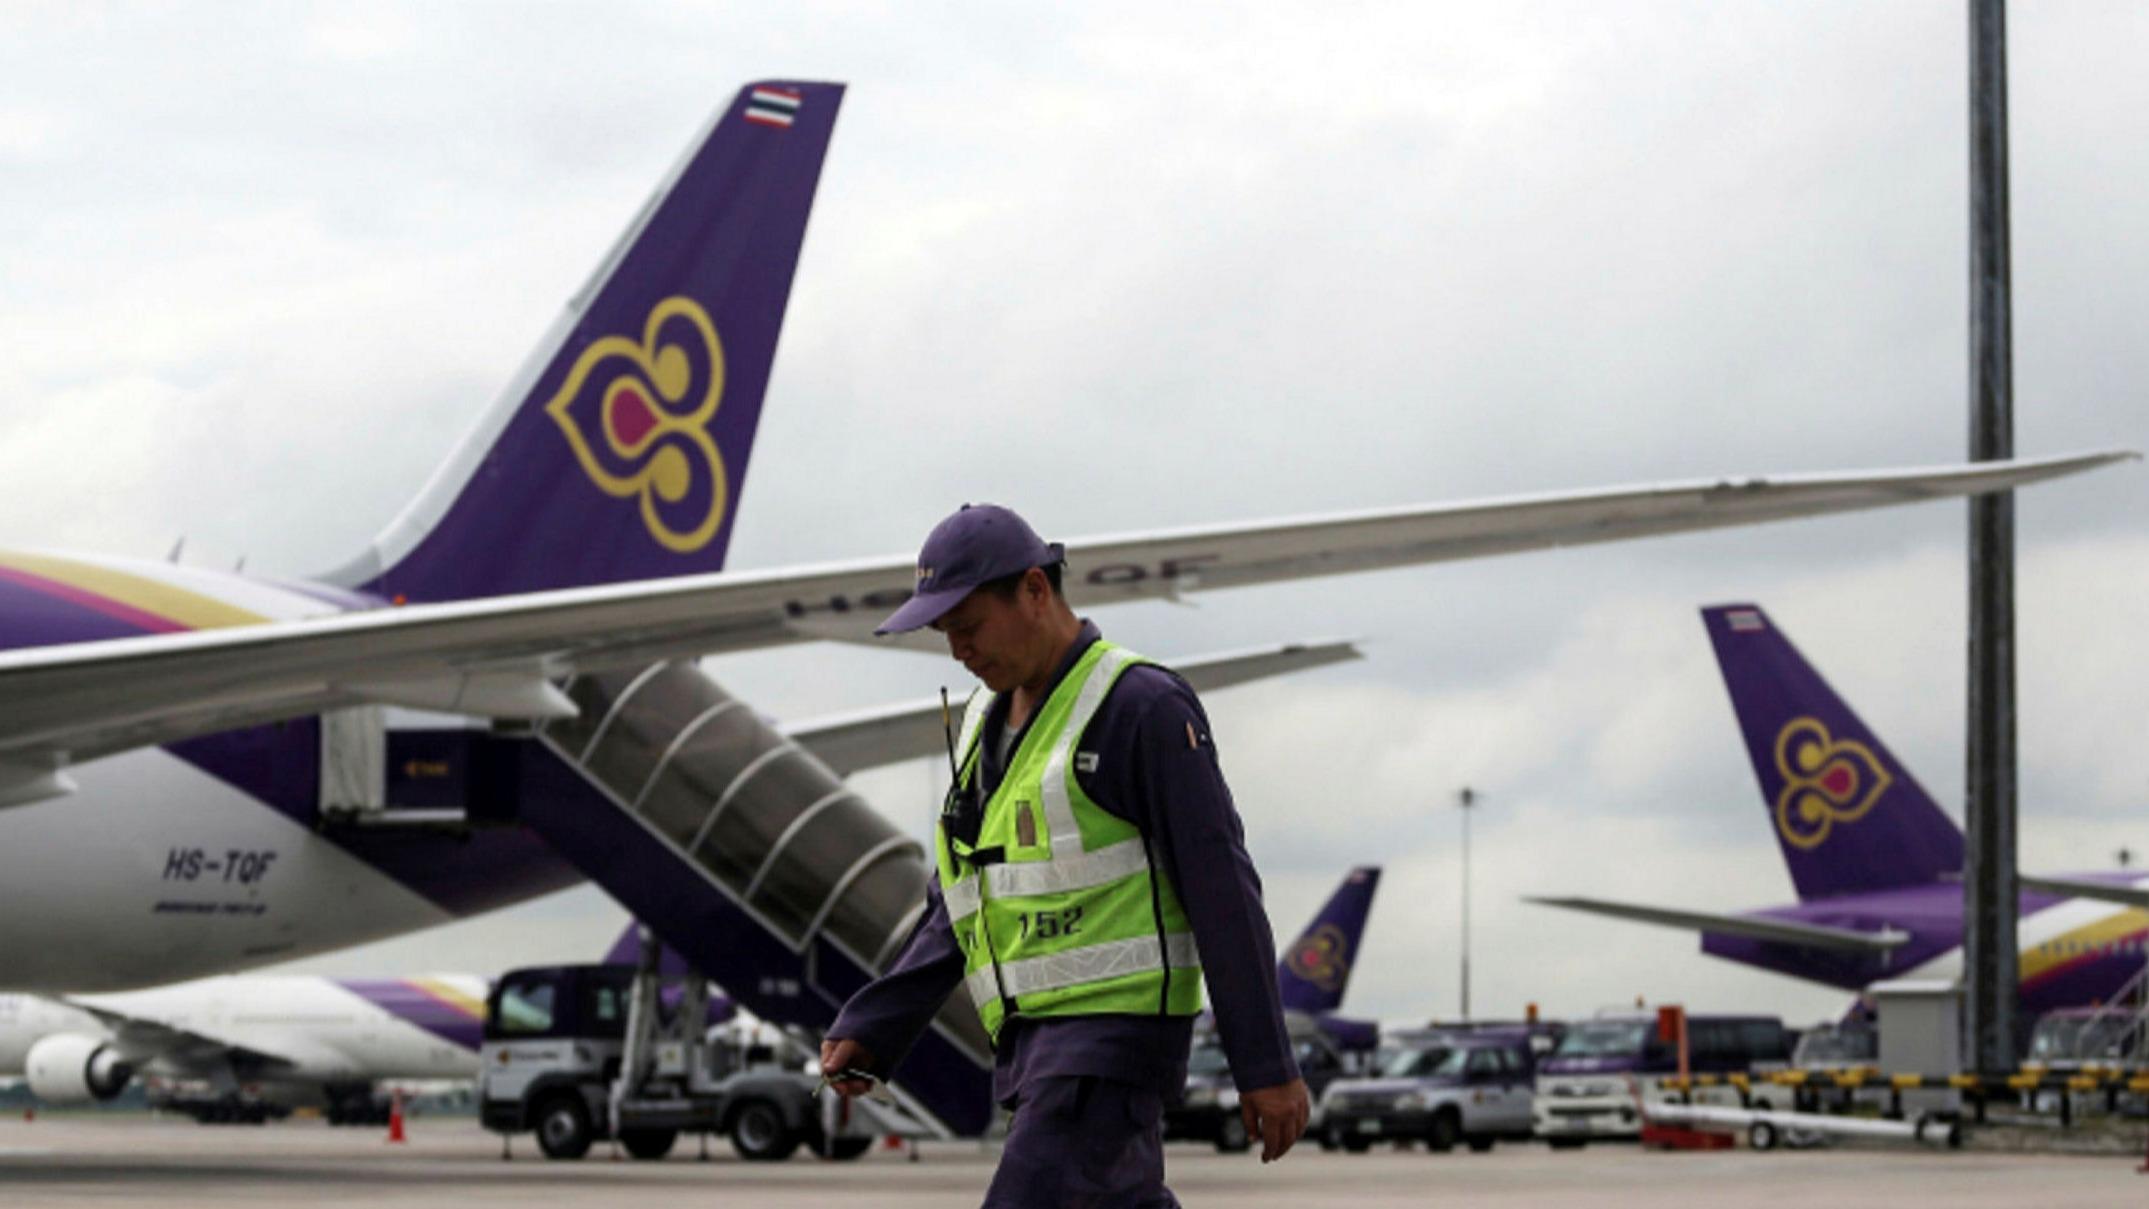 Thai Airways: Số phận hẩm hiu trước dịch Covid-19 hay đã 'lụi tàn' từ trước? - Ảnh 1.